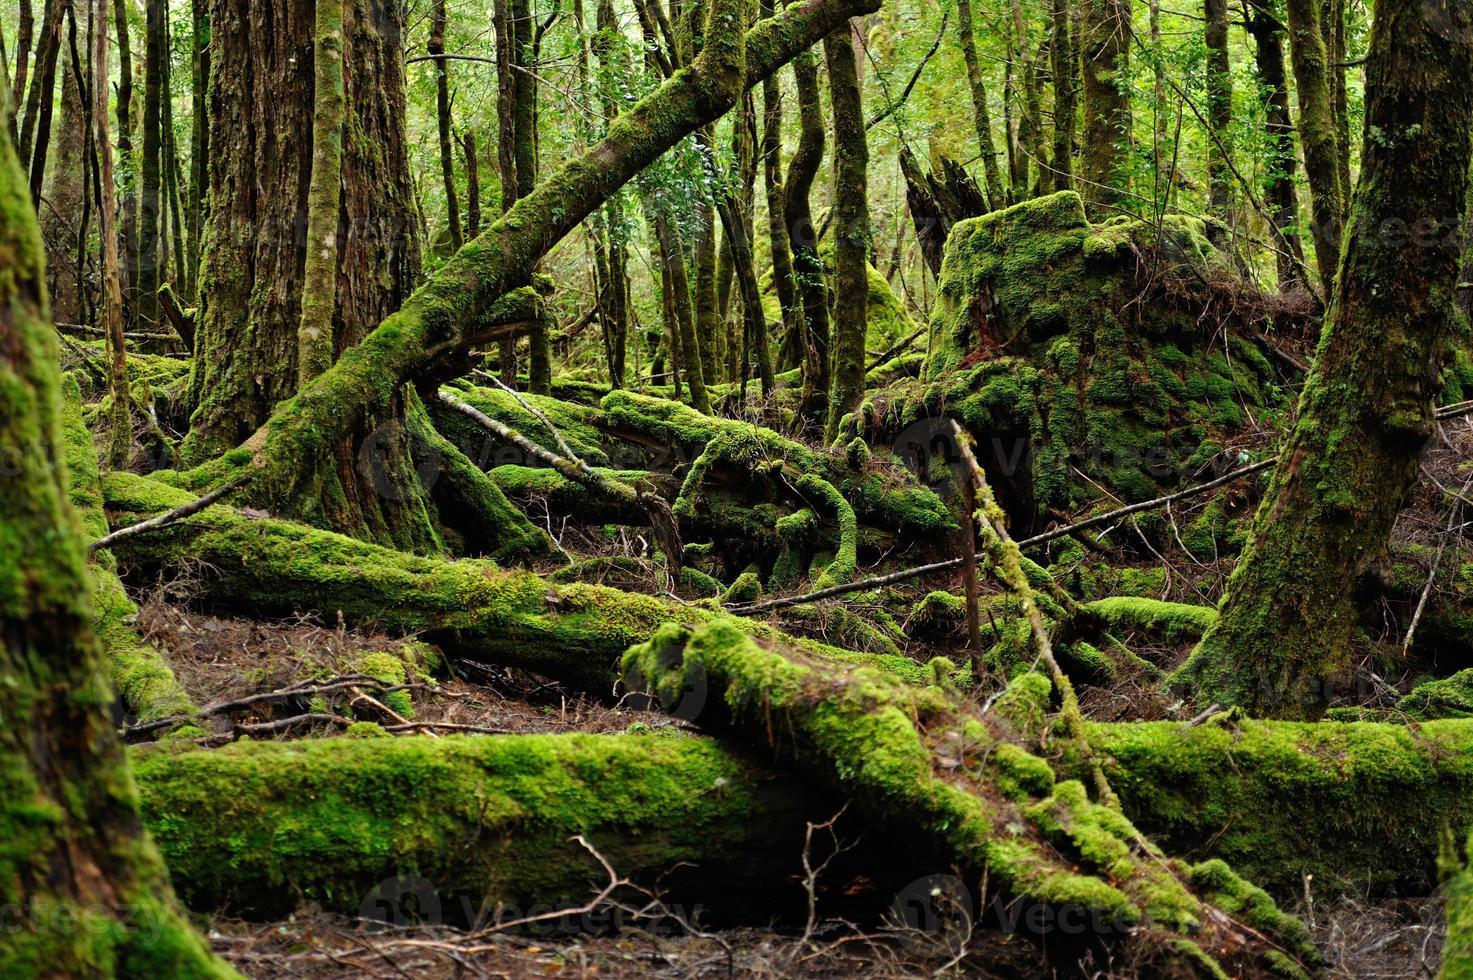 floresta de musgo, foto